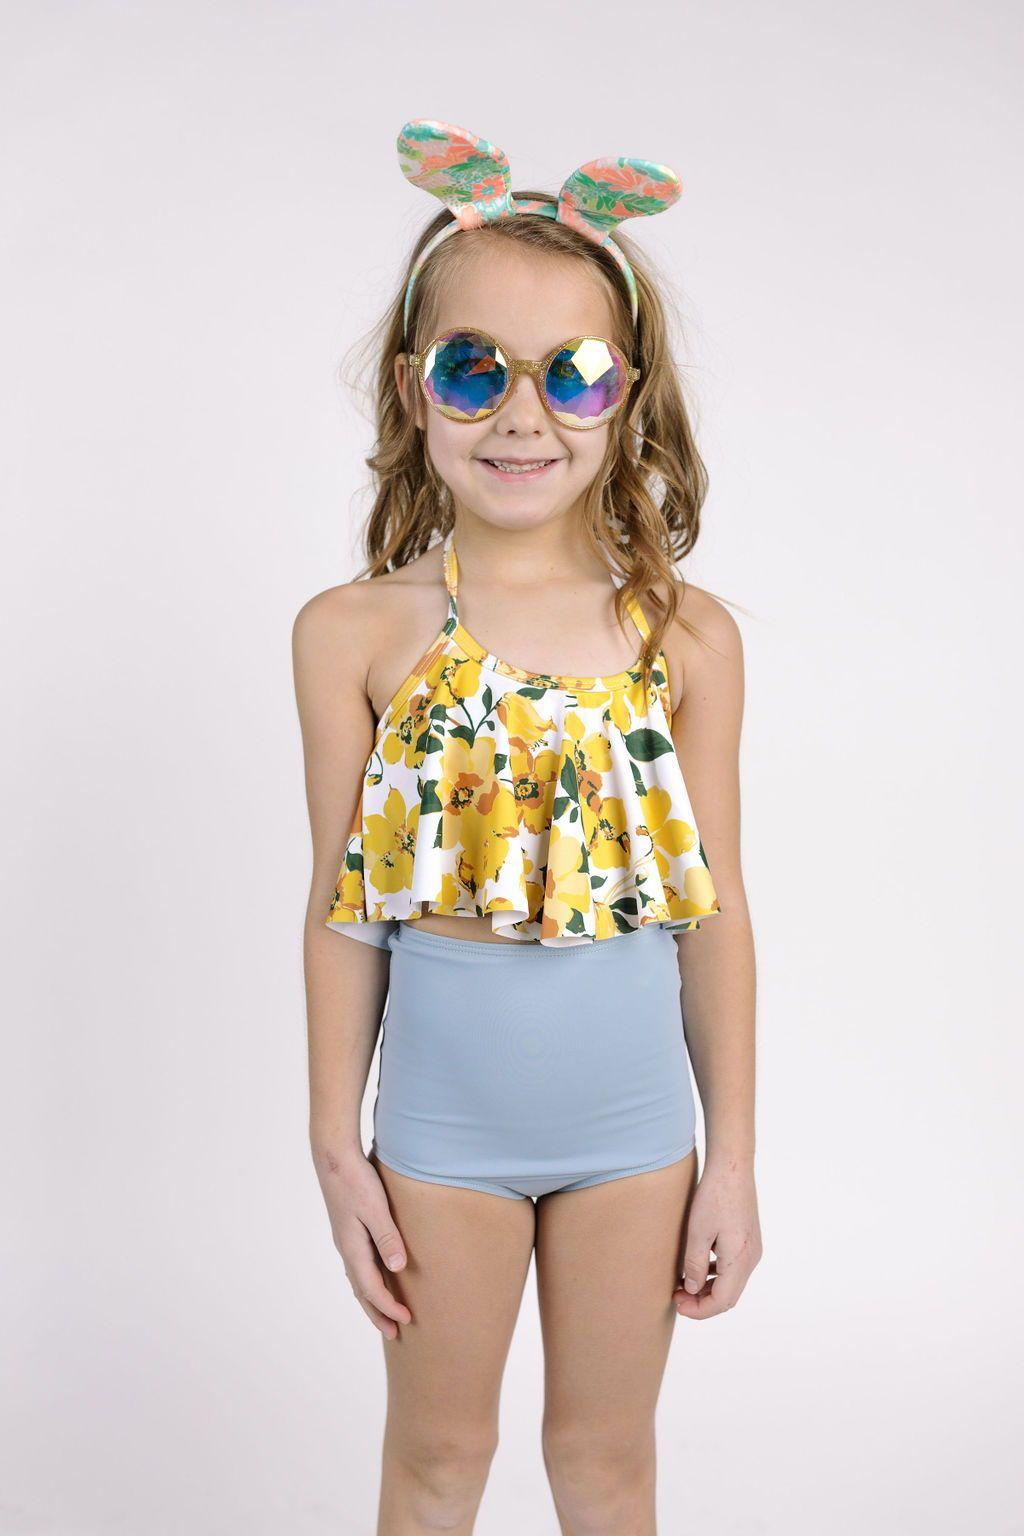 60ef486ef19ad Kortni jeane // kortni jeane swimmers // swimwear // high waisted swimsuits  // swimsuits // little girl swimsuits // mini girls swimsuits // mix n  match ...